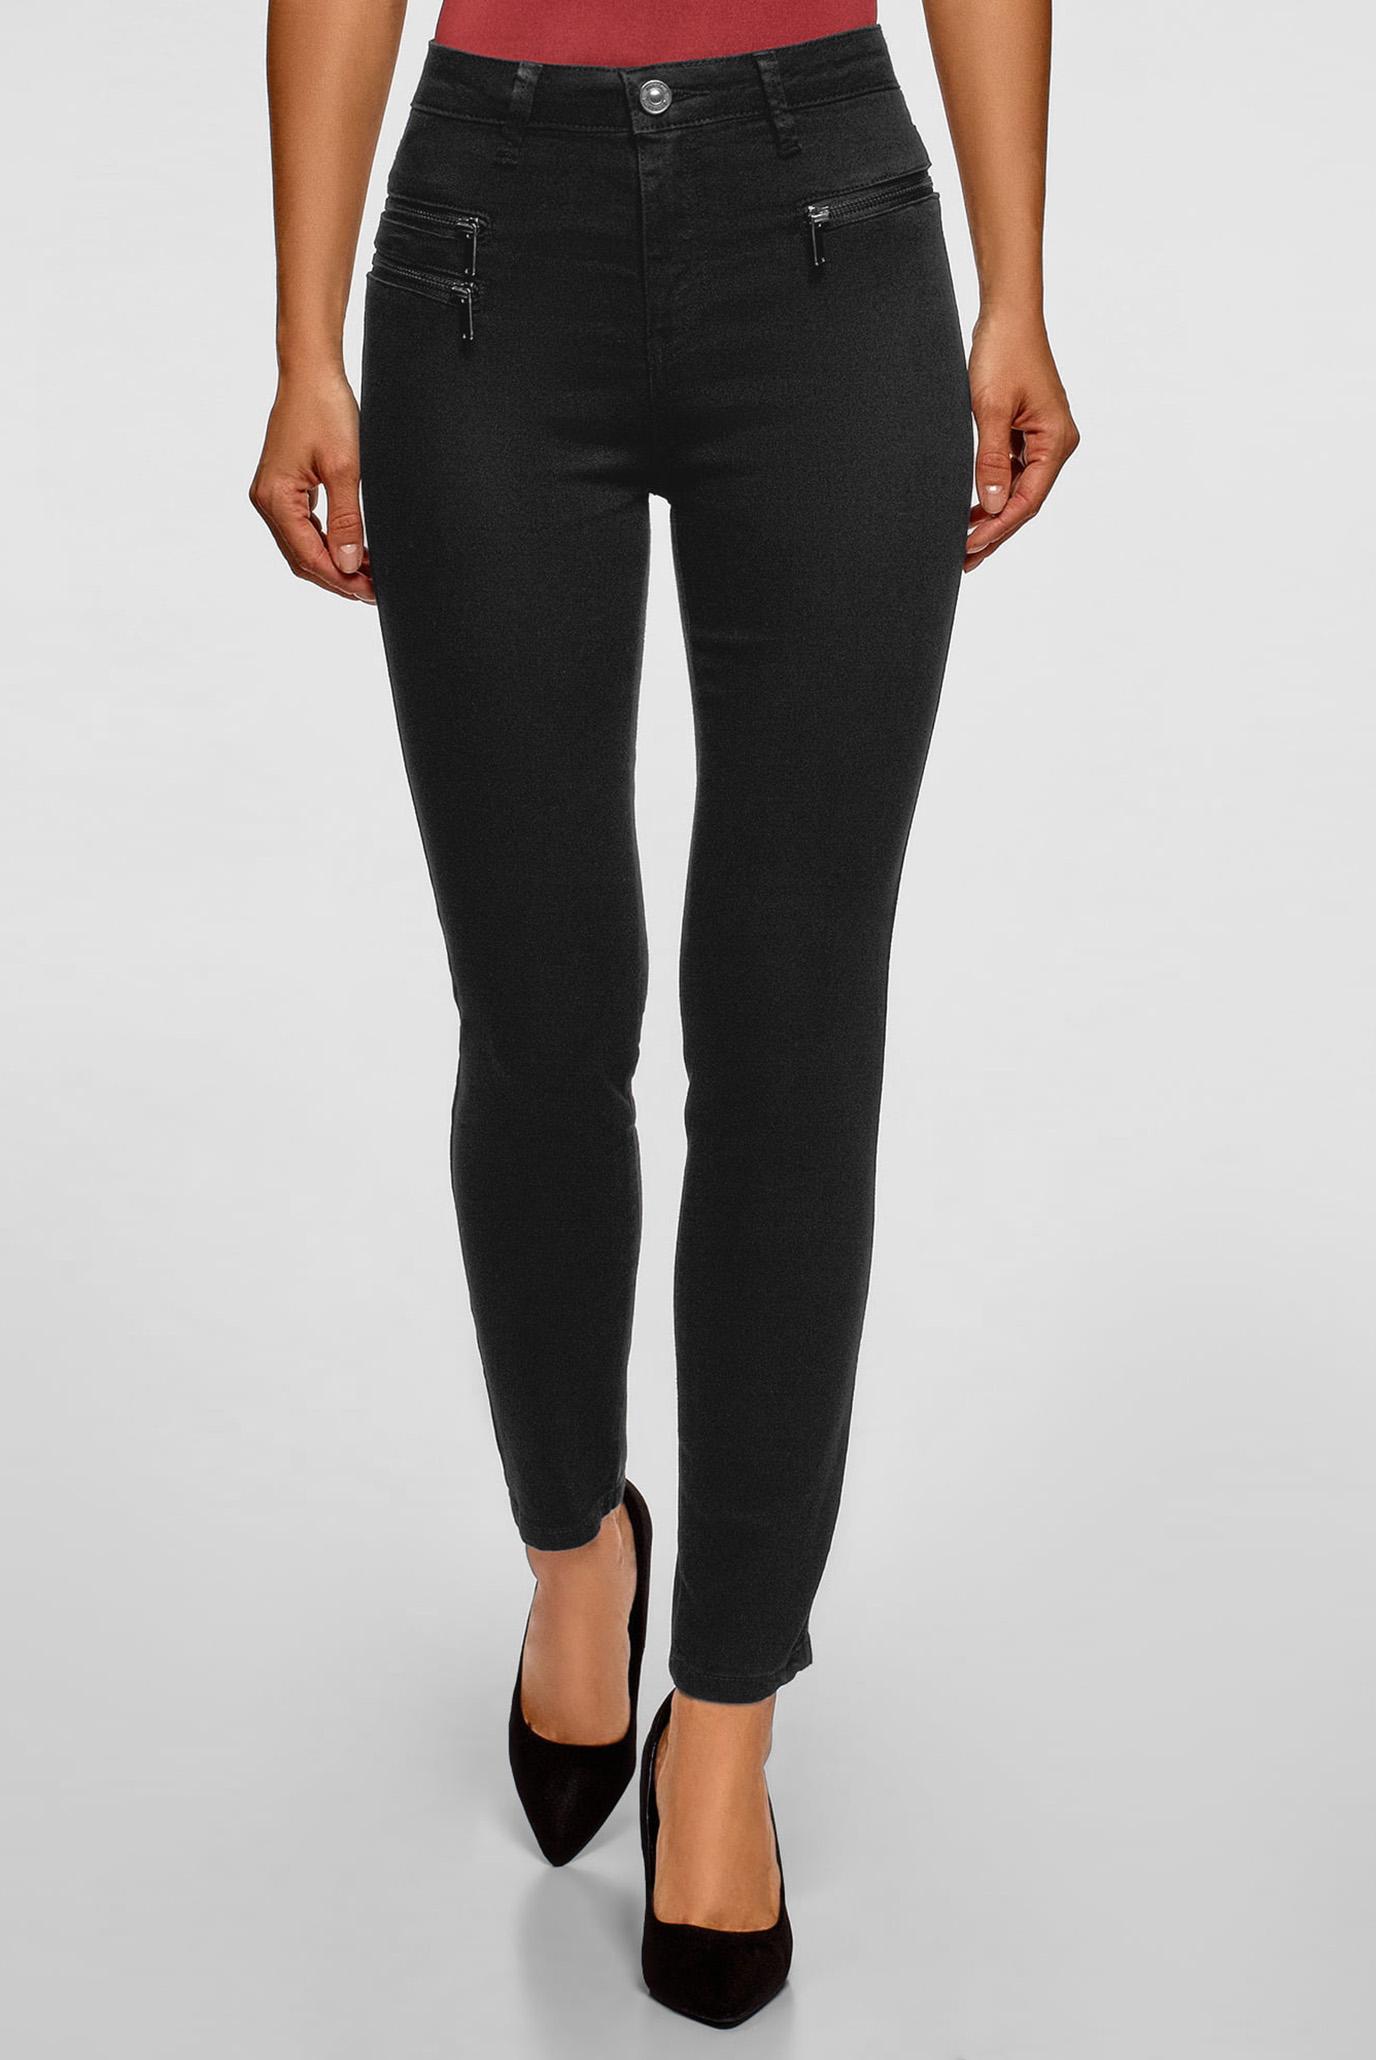 Купить Женские черные джинсы Skinny Oodji Oodji 12104079/46747/2900W – Киев, Украина. Цены в интернет магазине MD Fashion